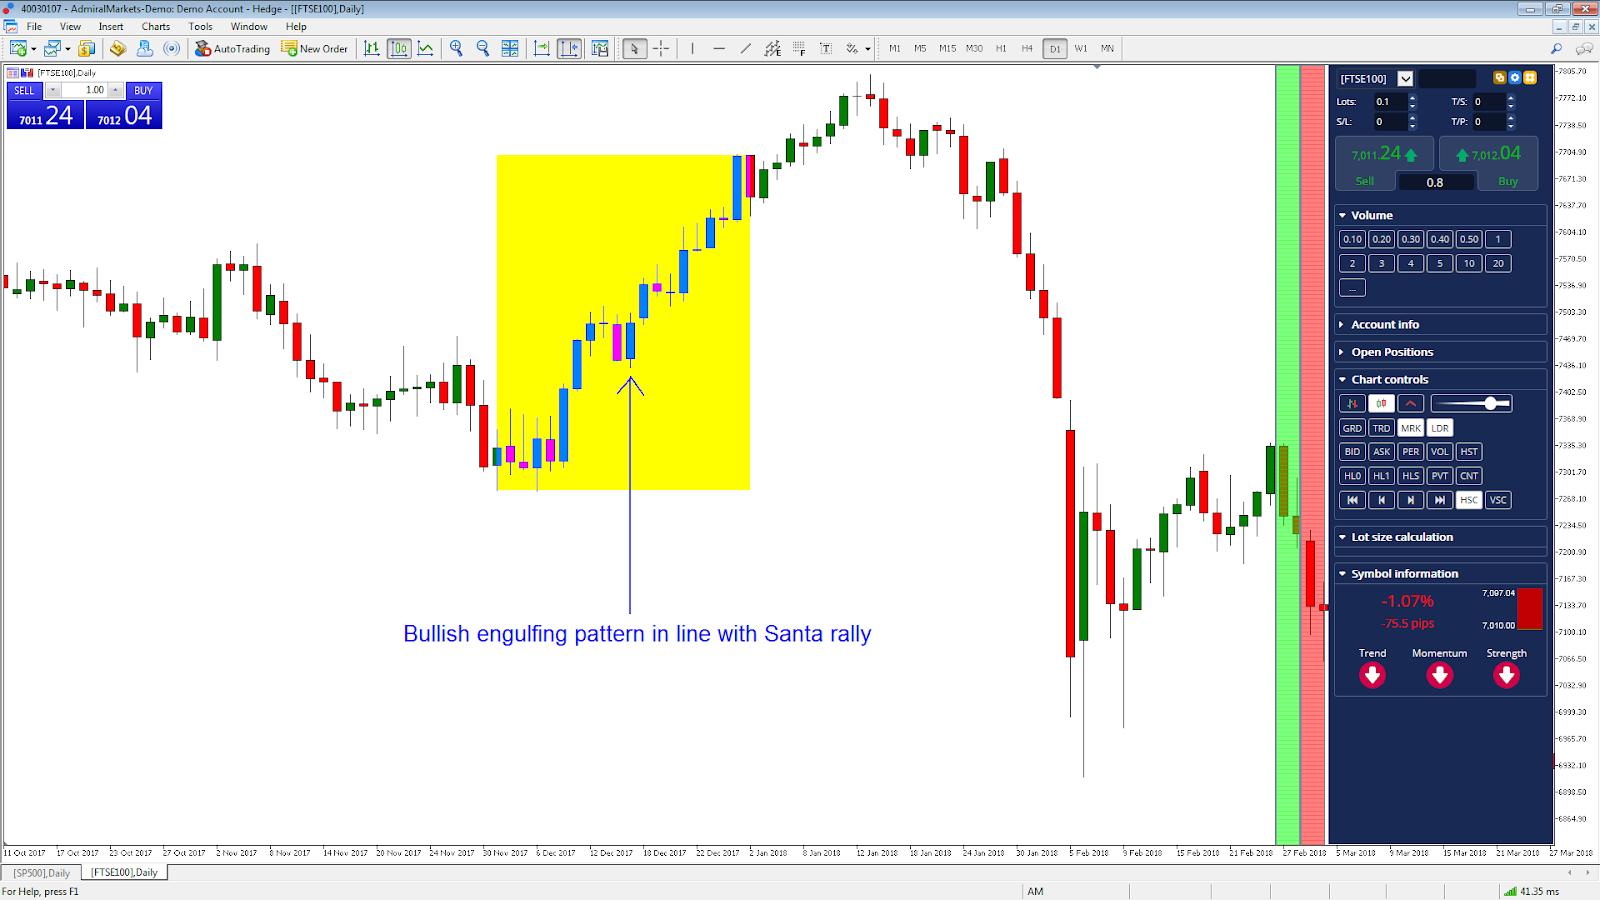 FTSE100 napos chart bullish engulfing